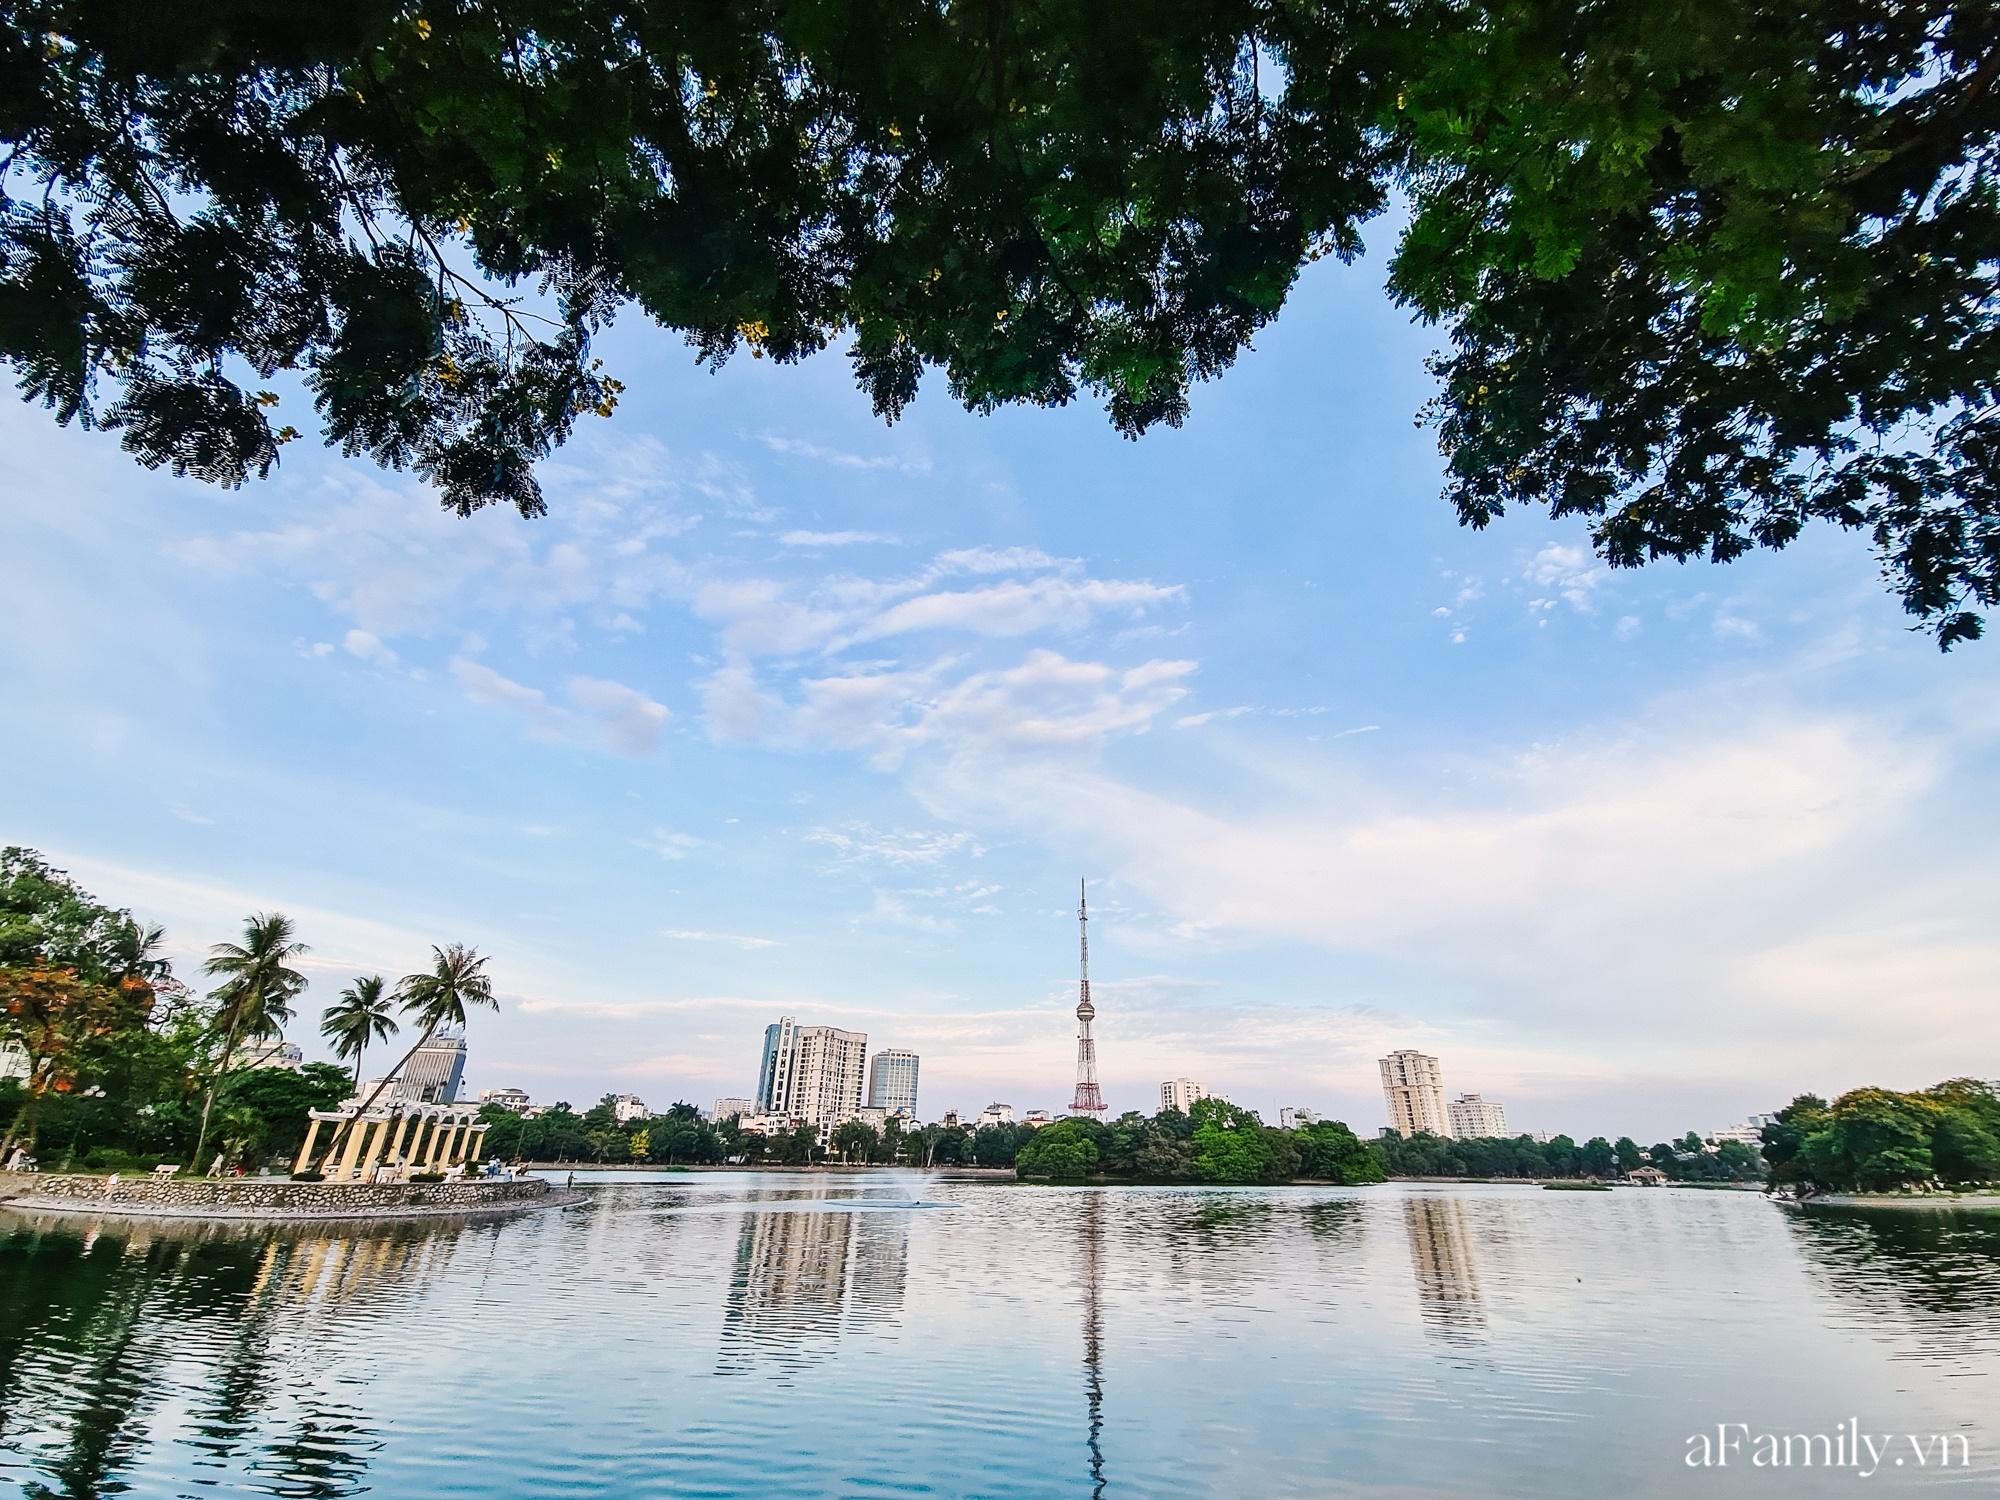 4000 đồng cho tour du lịch hè độc đáo ngay giữa thủ đô ở một công viên lâu đời vừa có đảo, vừa có rừng cây xanh, hồ cá trong lành - Ảnh 38.